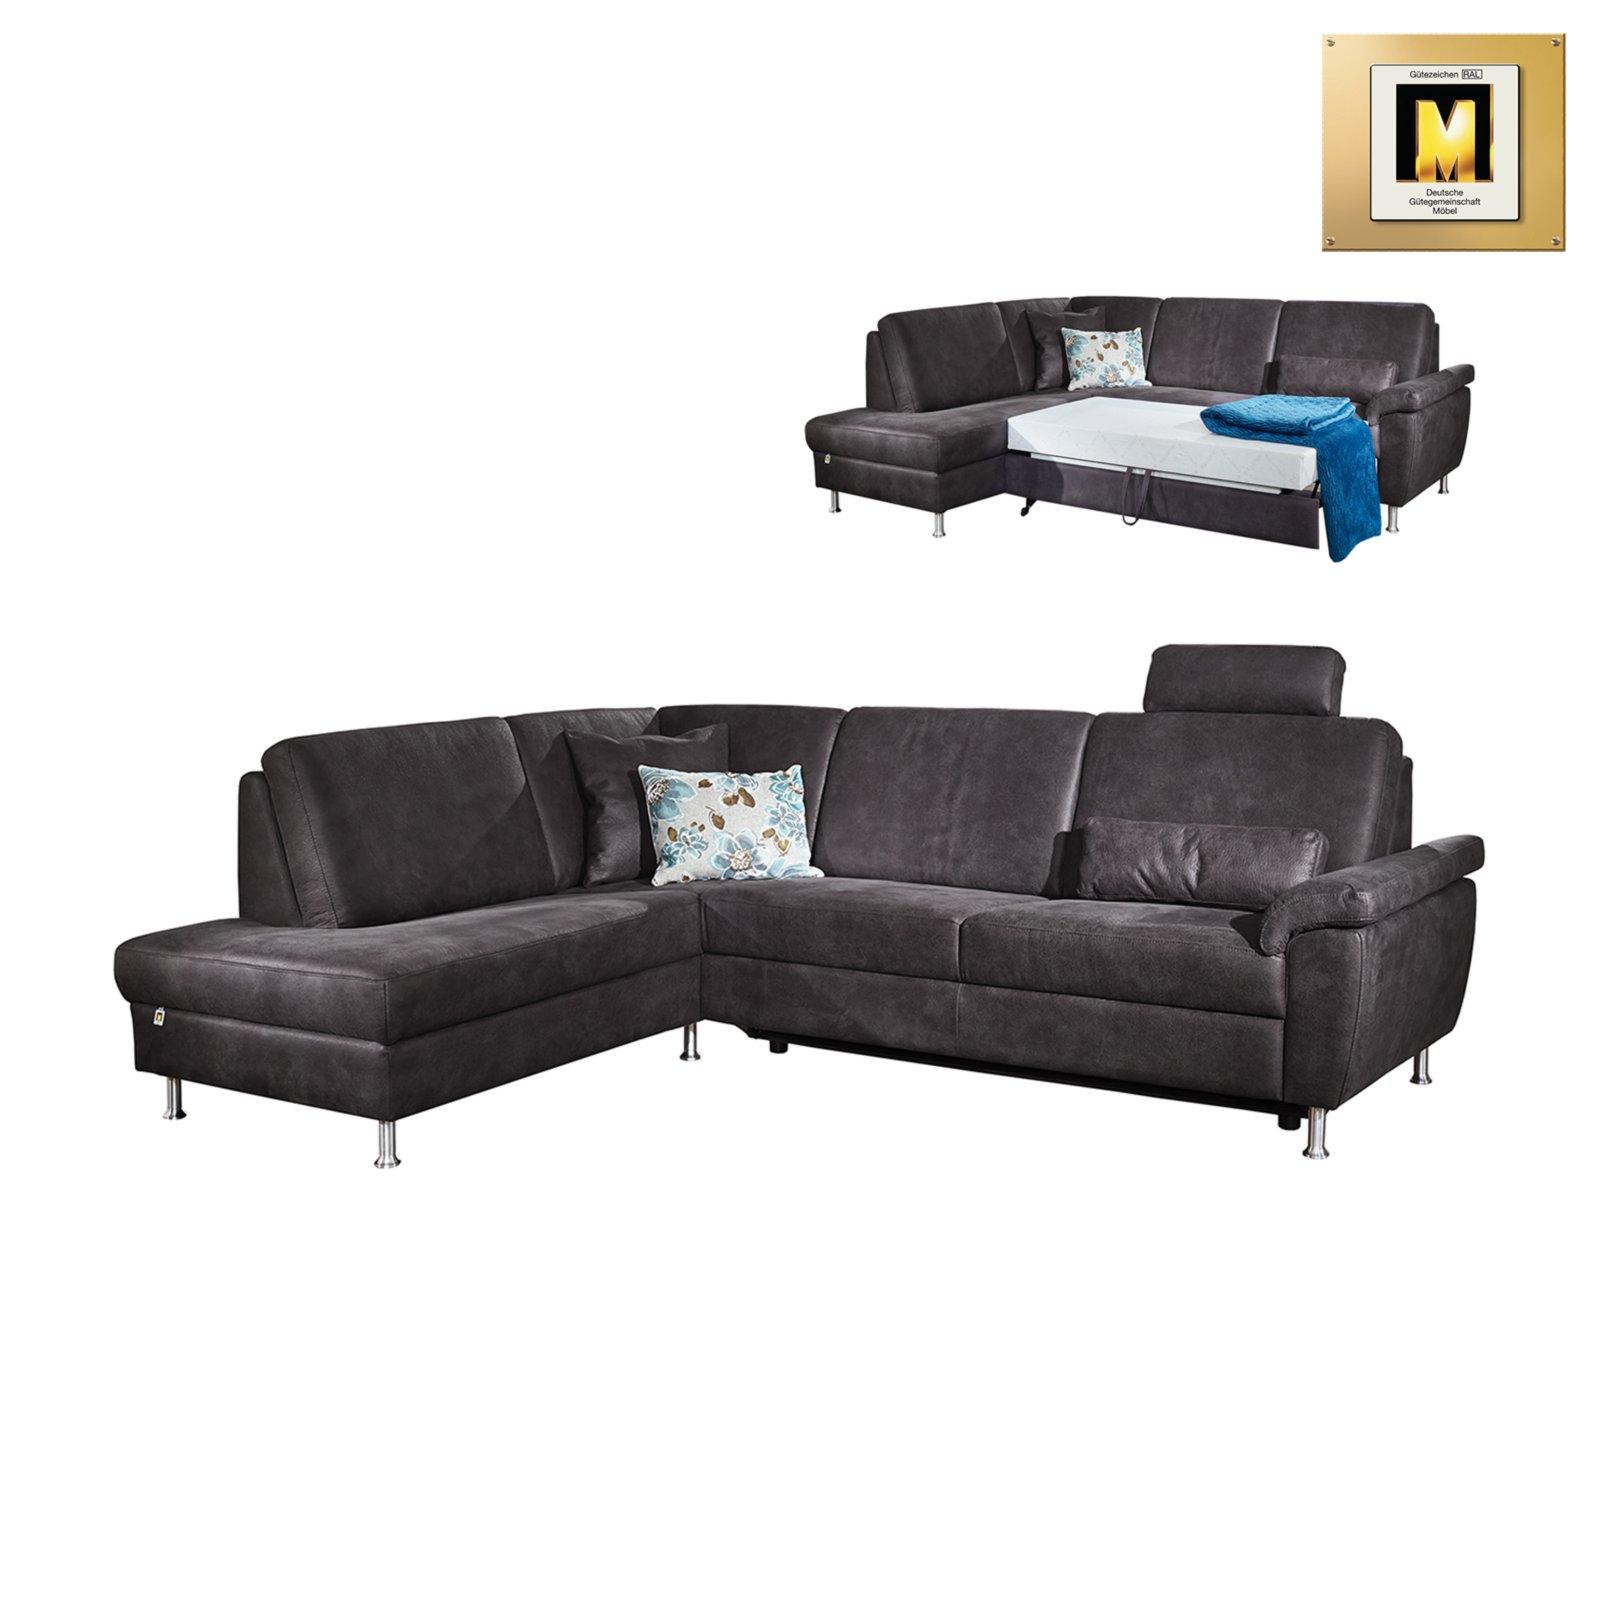 ecksofa anthrazit mit funktion ecksofas l form sofas couches m bel roller. Black Bedroom Furniture Sets. Home Design Ideas